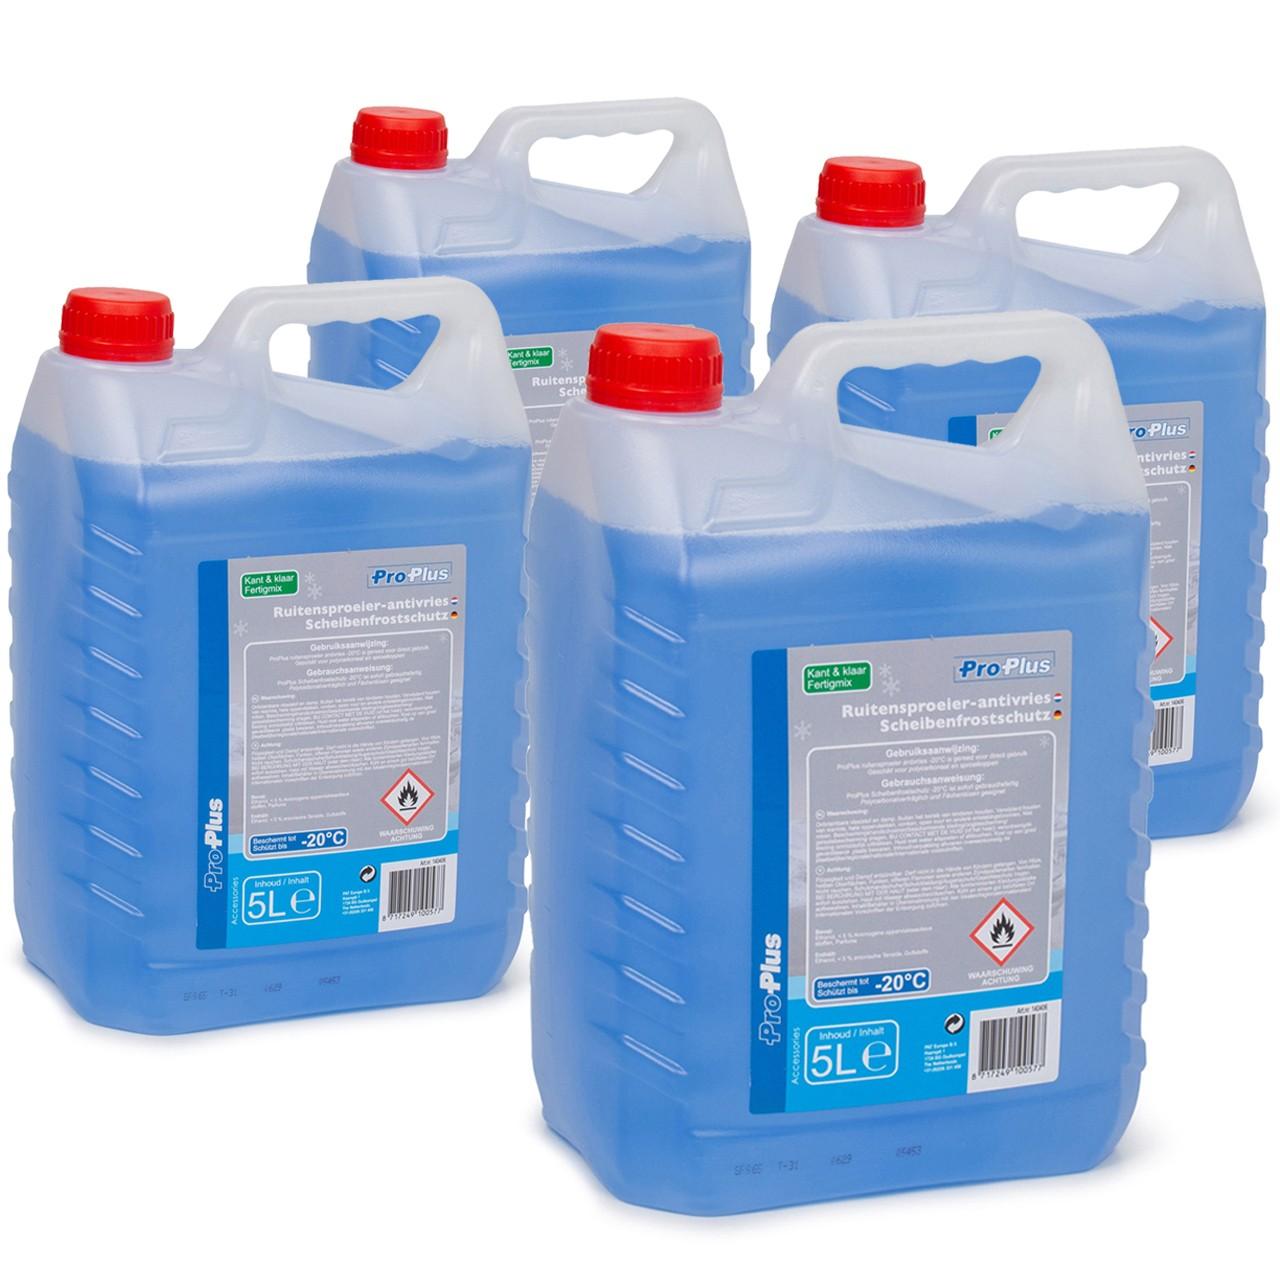 PROPLUS 140406 Frostschutz Scheibenfrostschutz Fertigmix -20°C 4x 5 Liter